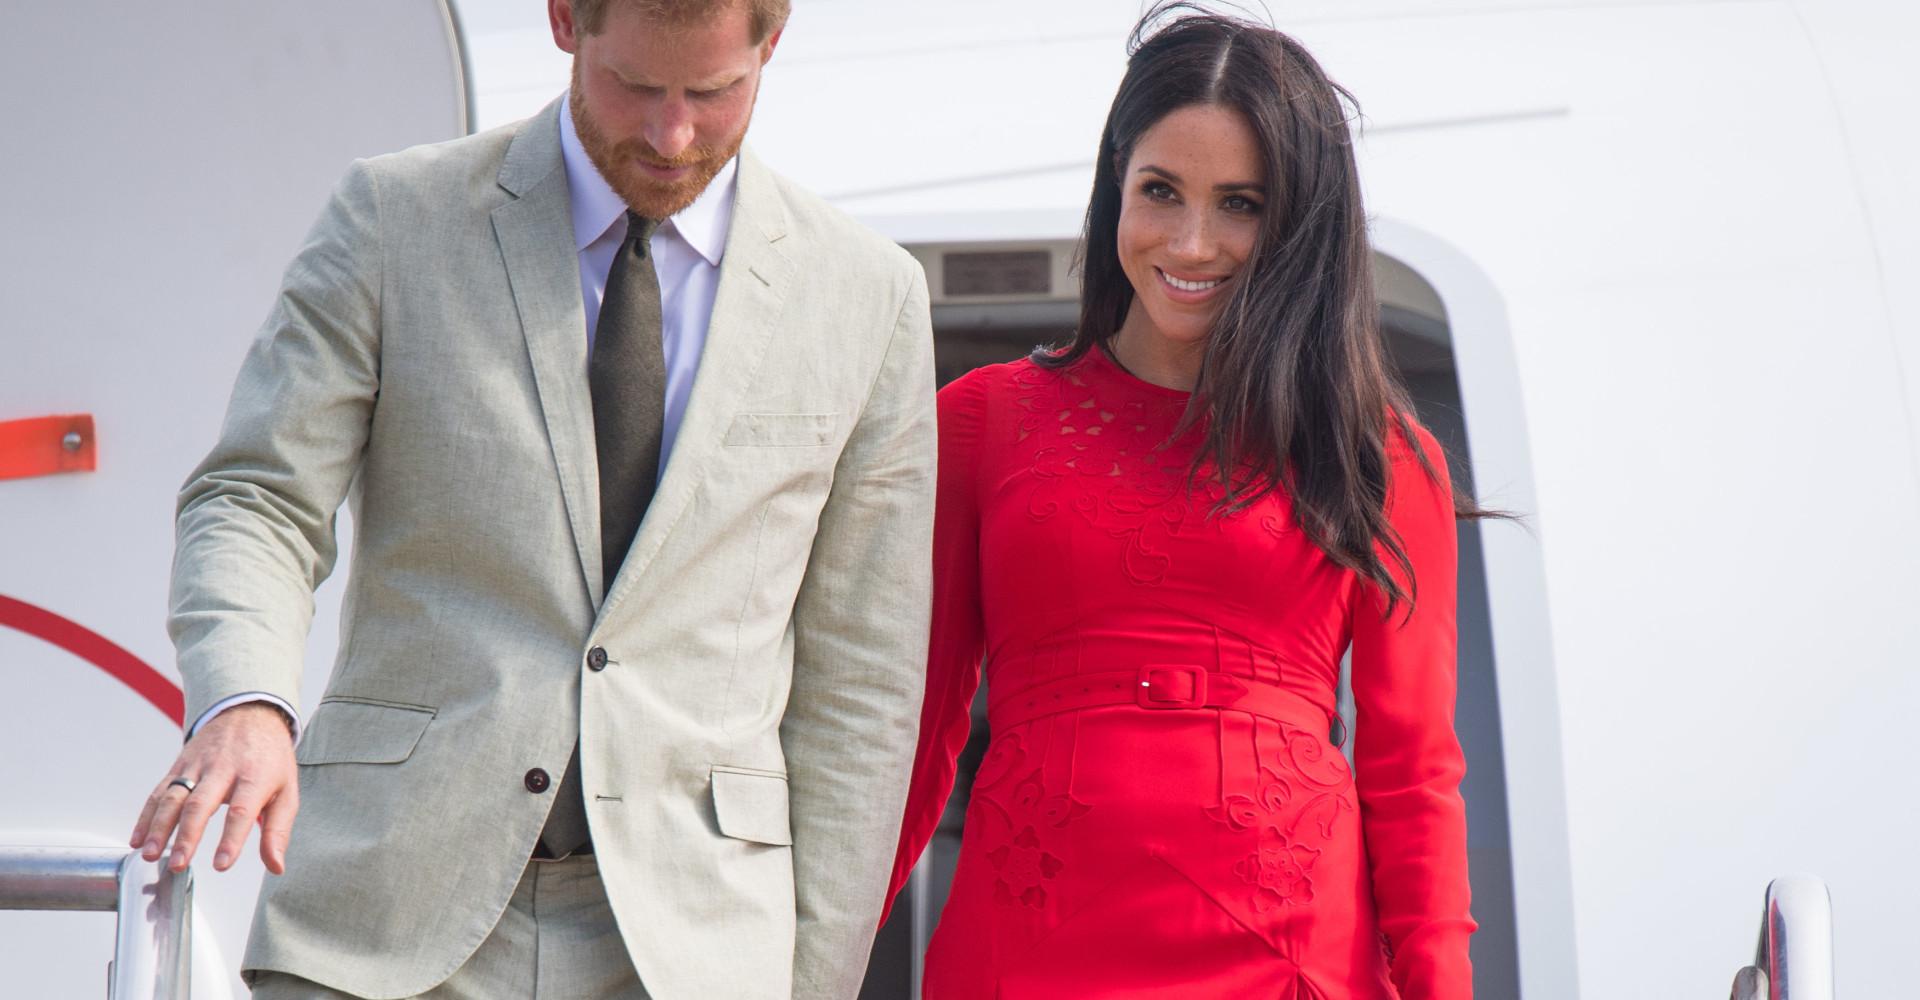 Passo falso per Meghan Markle: la duchessa dimentica il cartellino del vestito